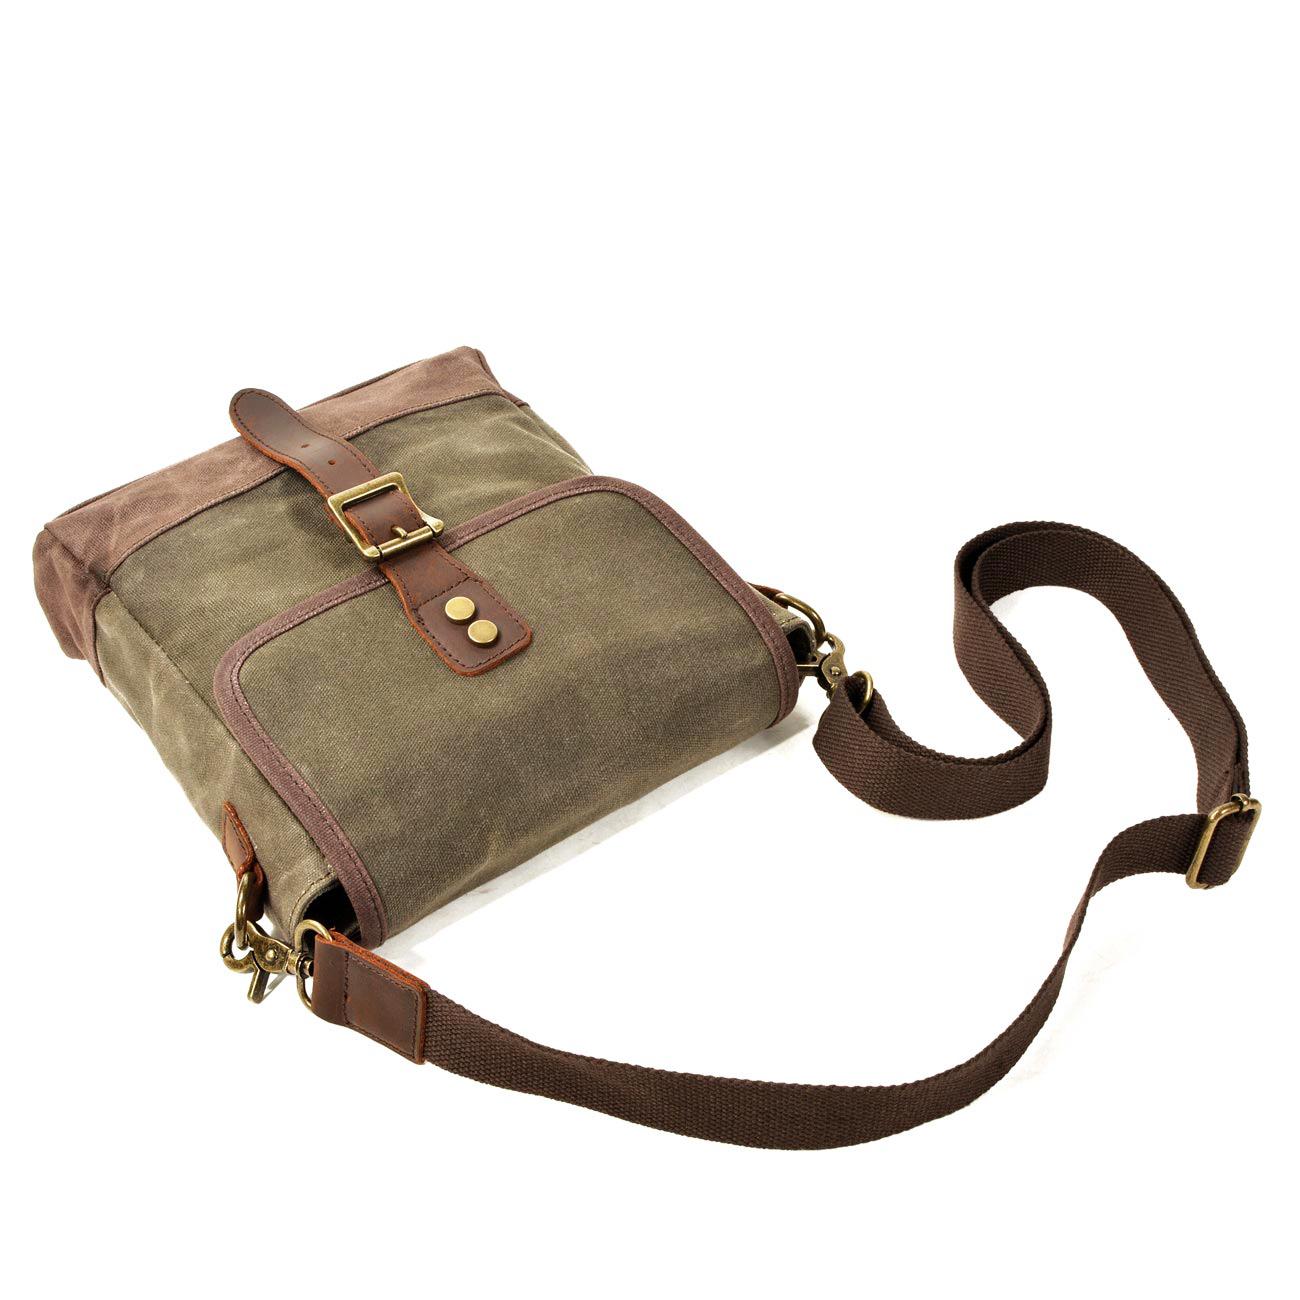 Túi đeo chéo Canvas Sáp phối da bò AT Leather DC6070 màu Xanh rêu